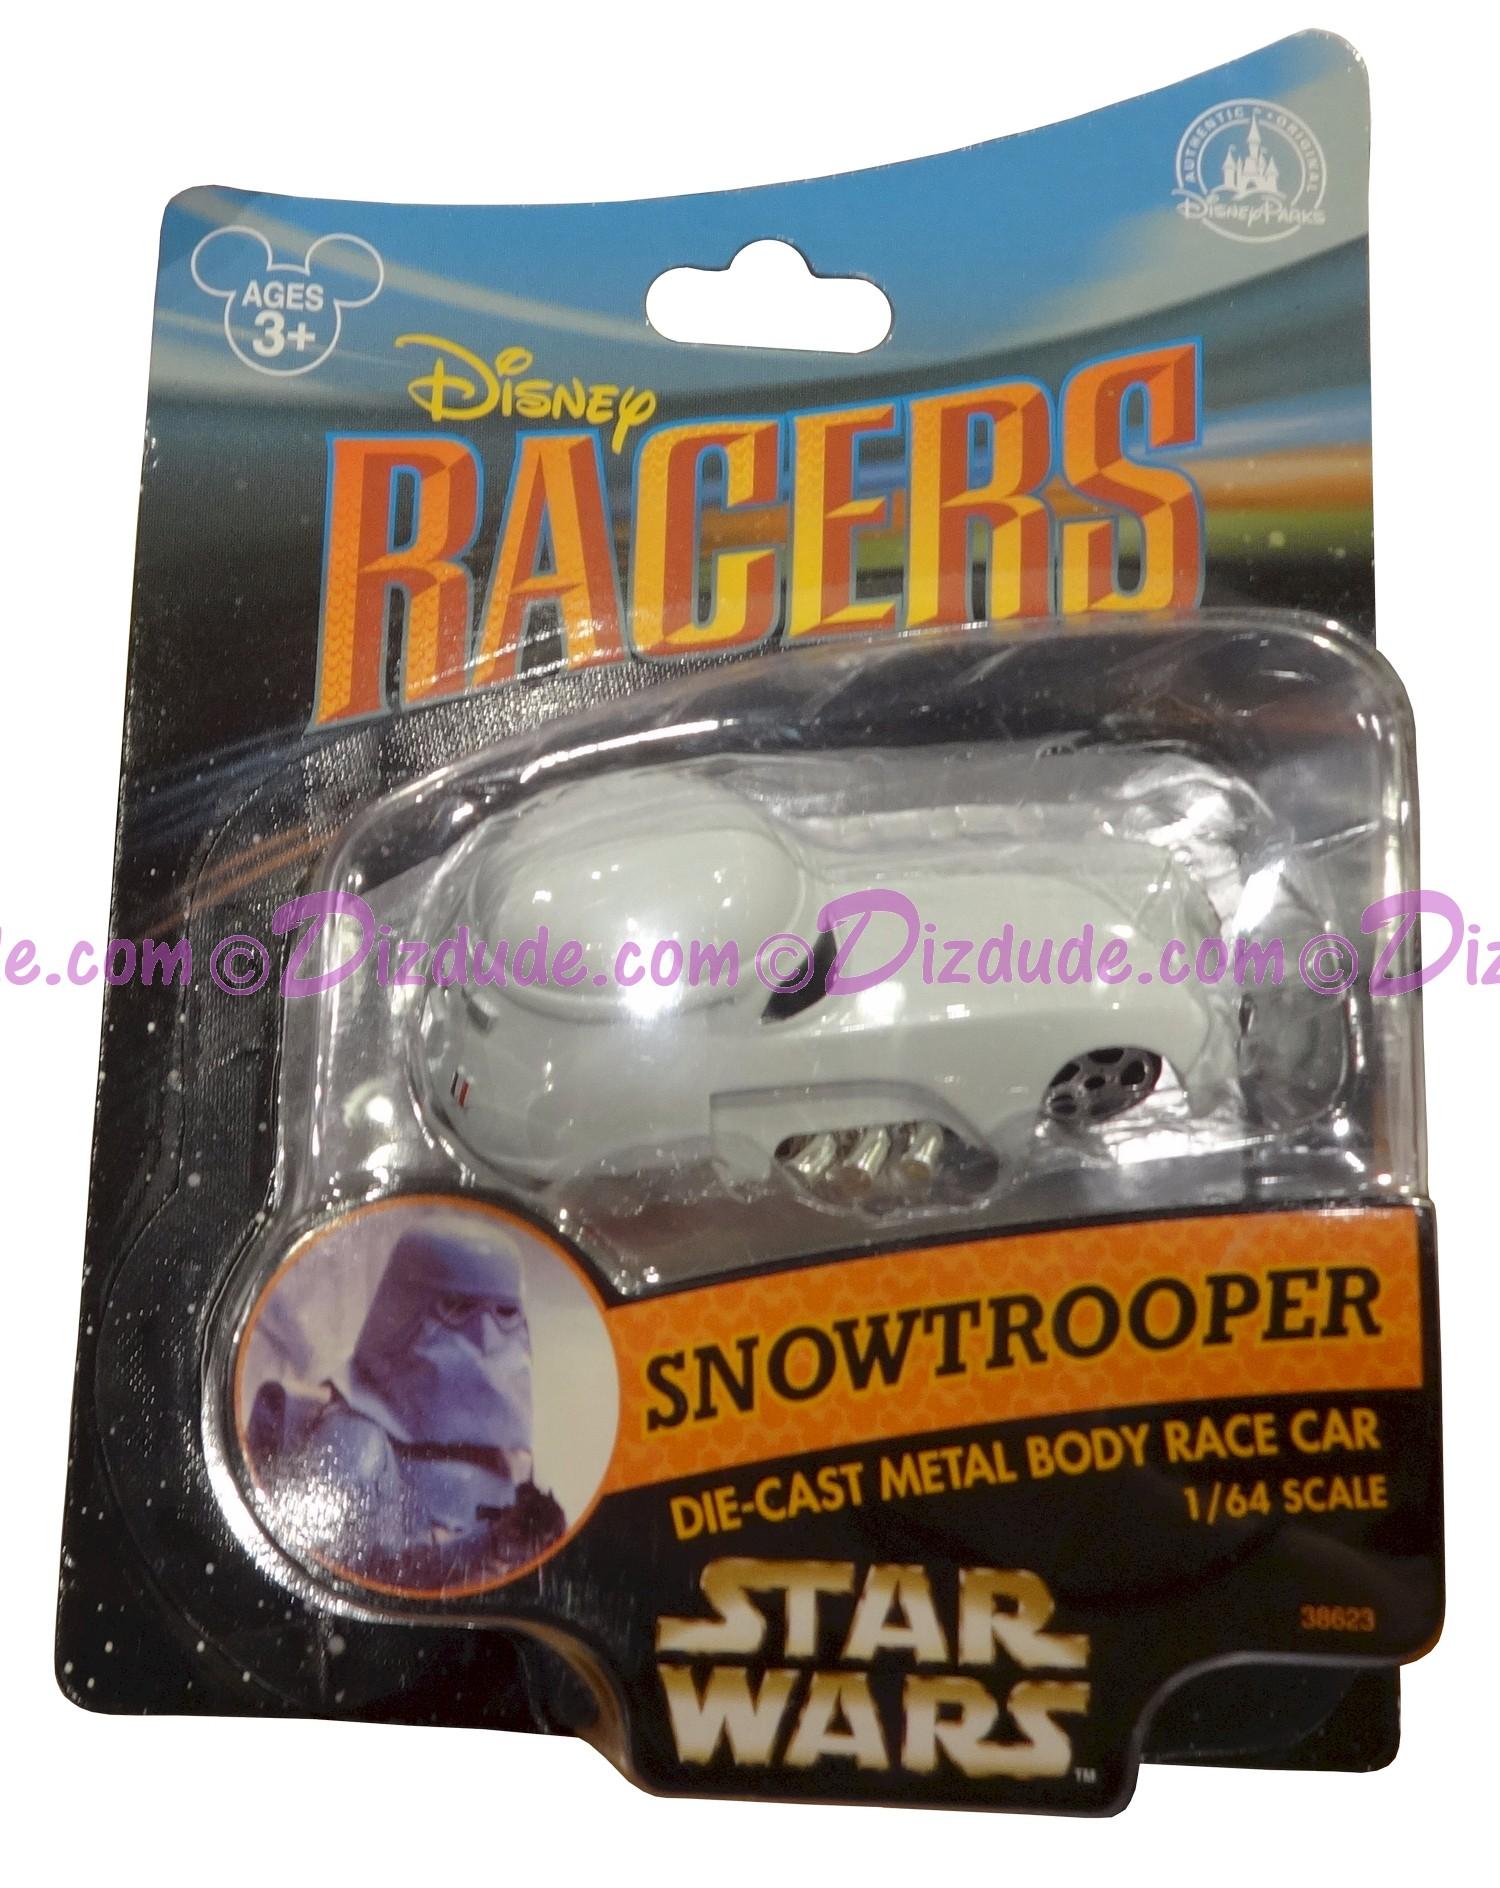 Star Tours Snowtrooper Disney Racer die cast metal body race car 1/64 scale © Dizdude.com